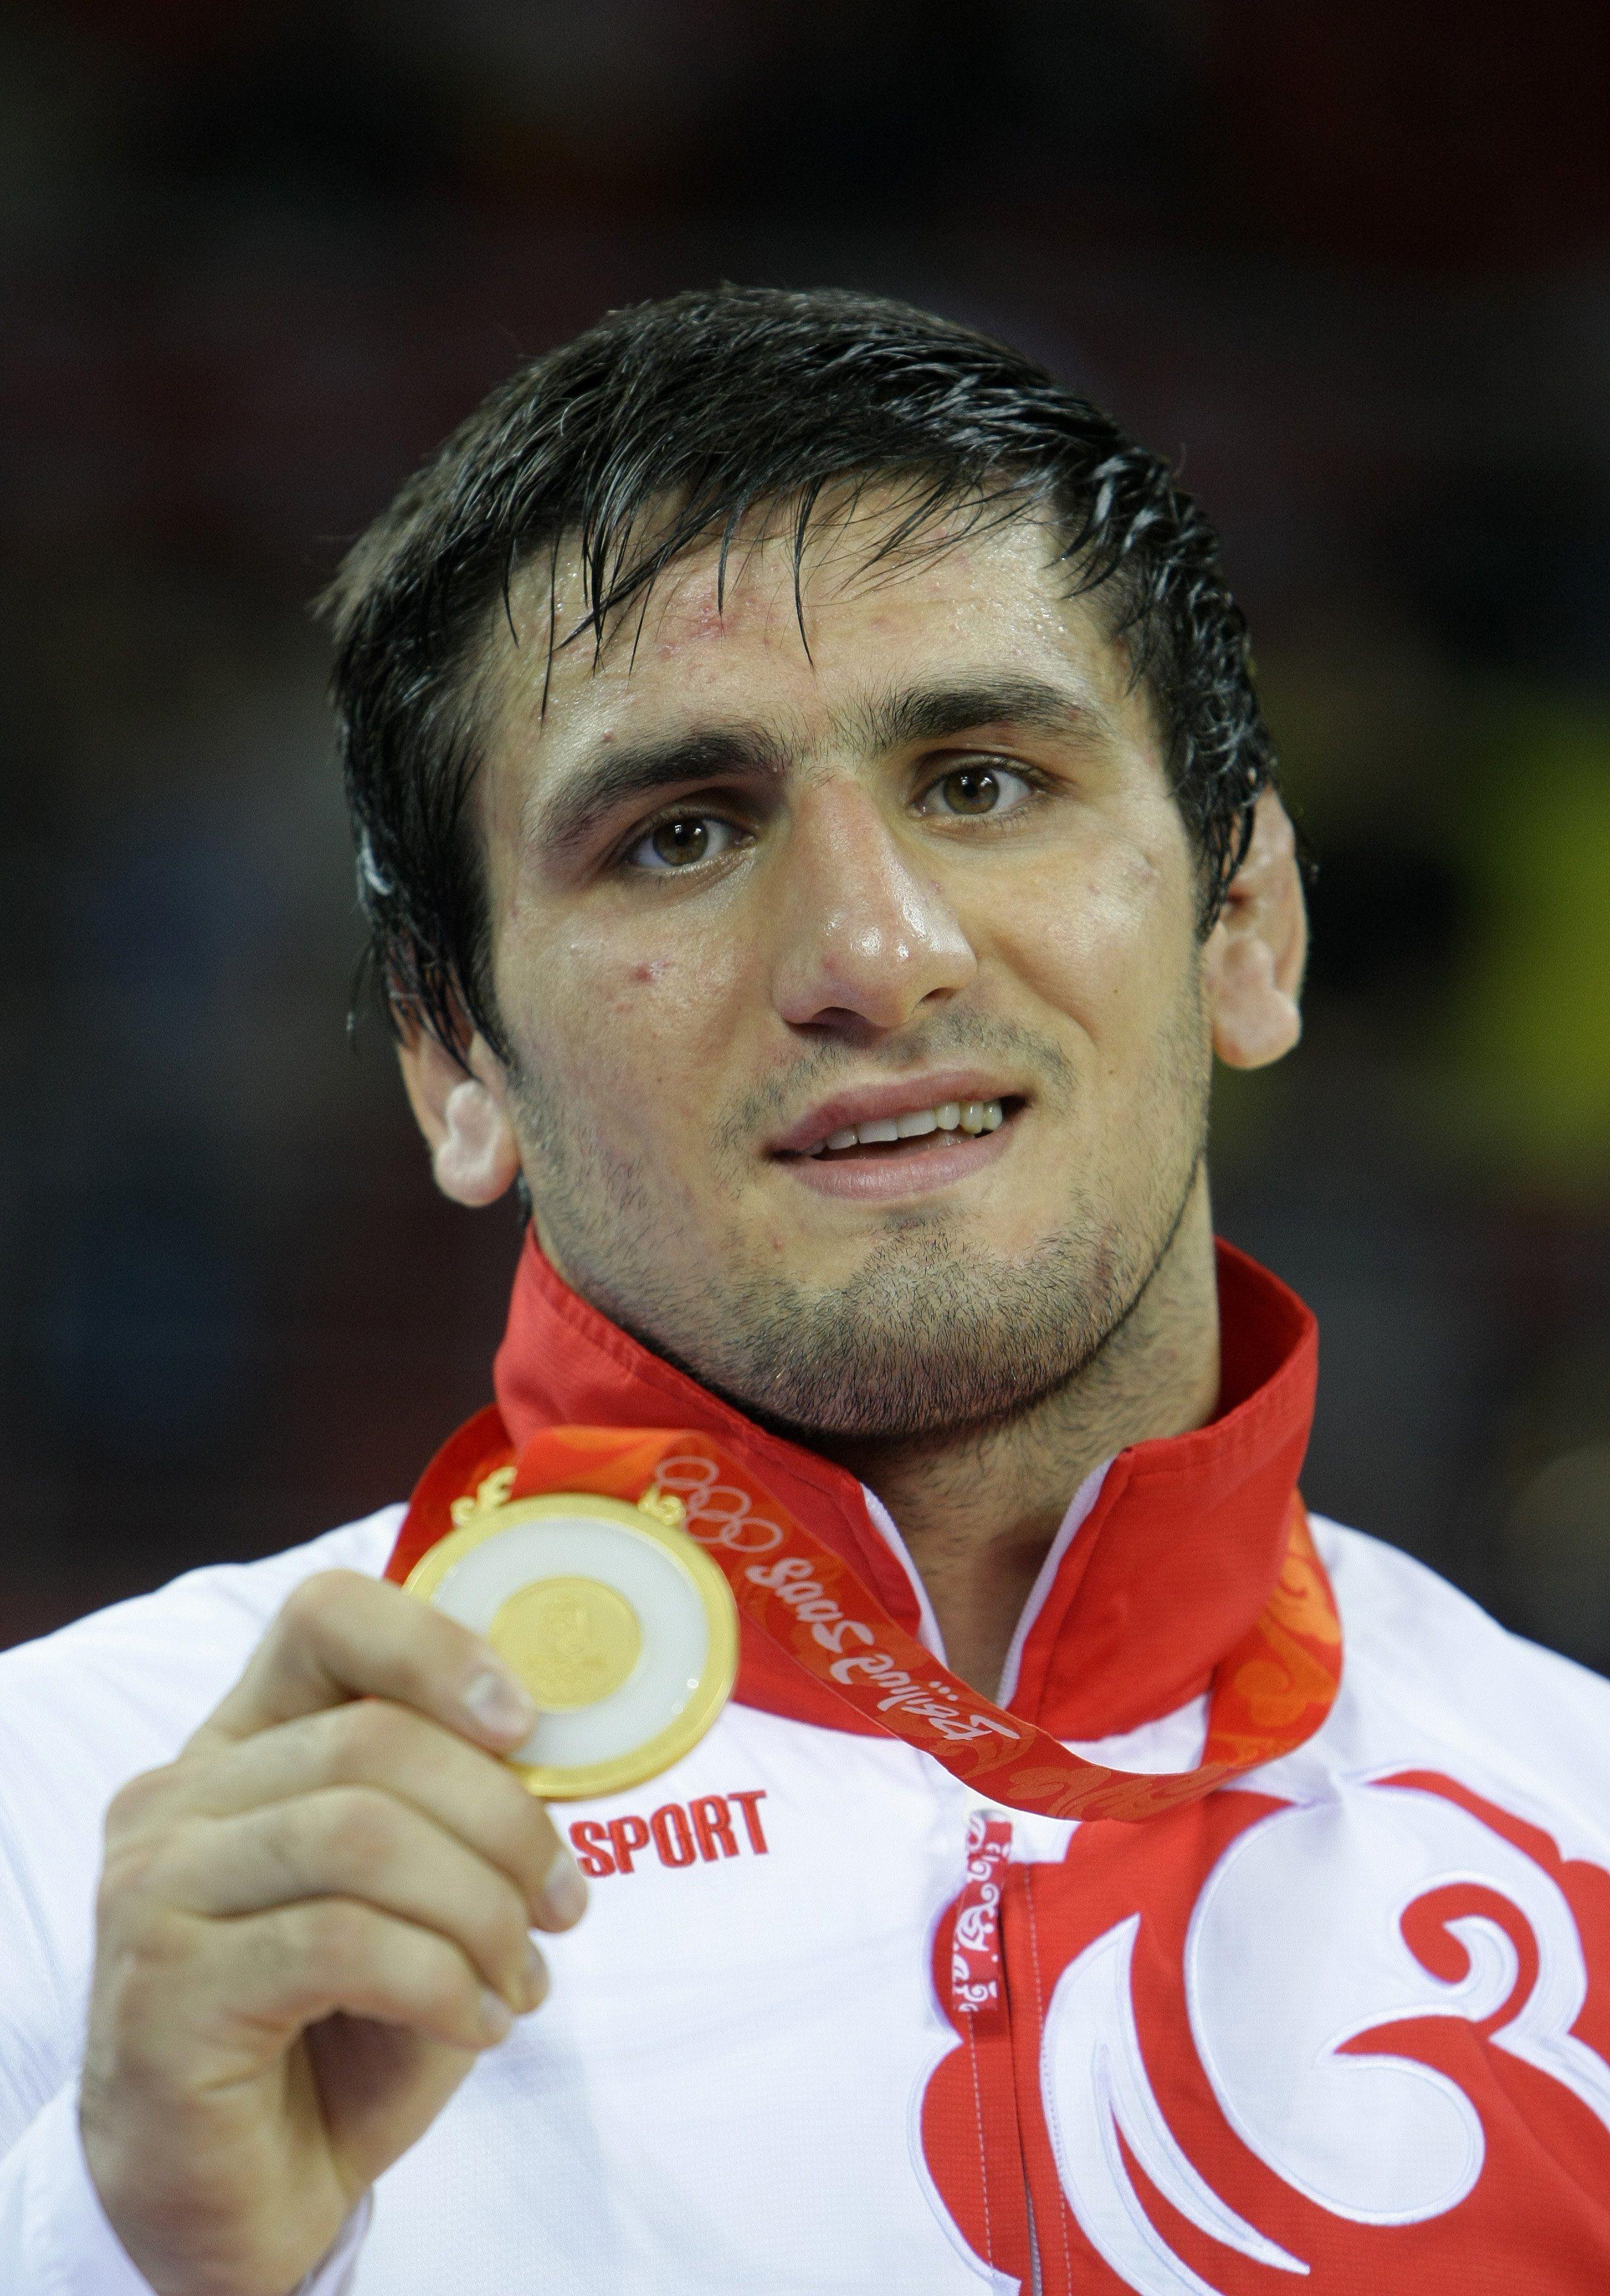 ещё список олимпийских чемпионов по борьбе можно заразиться